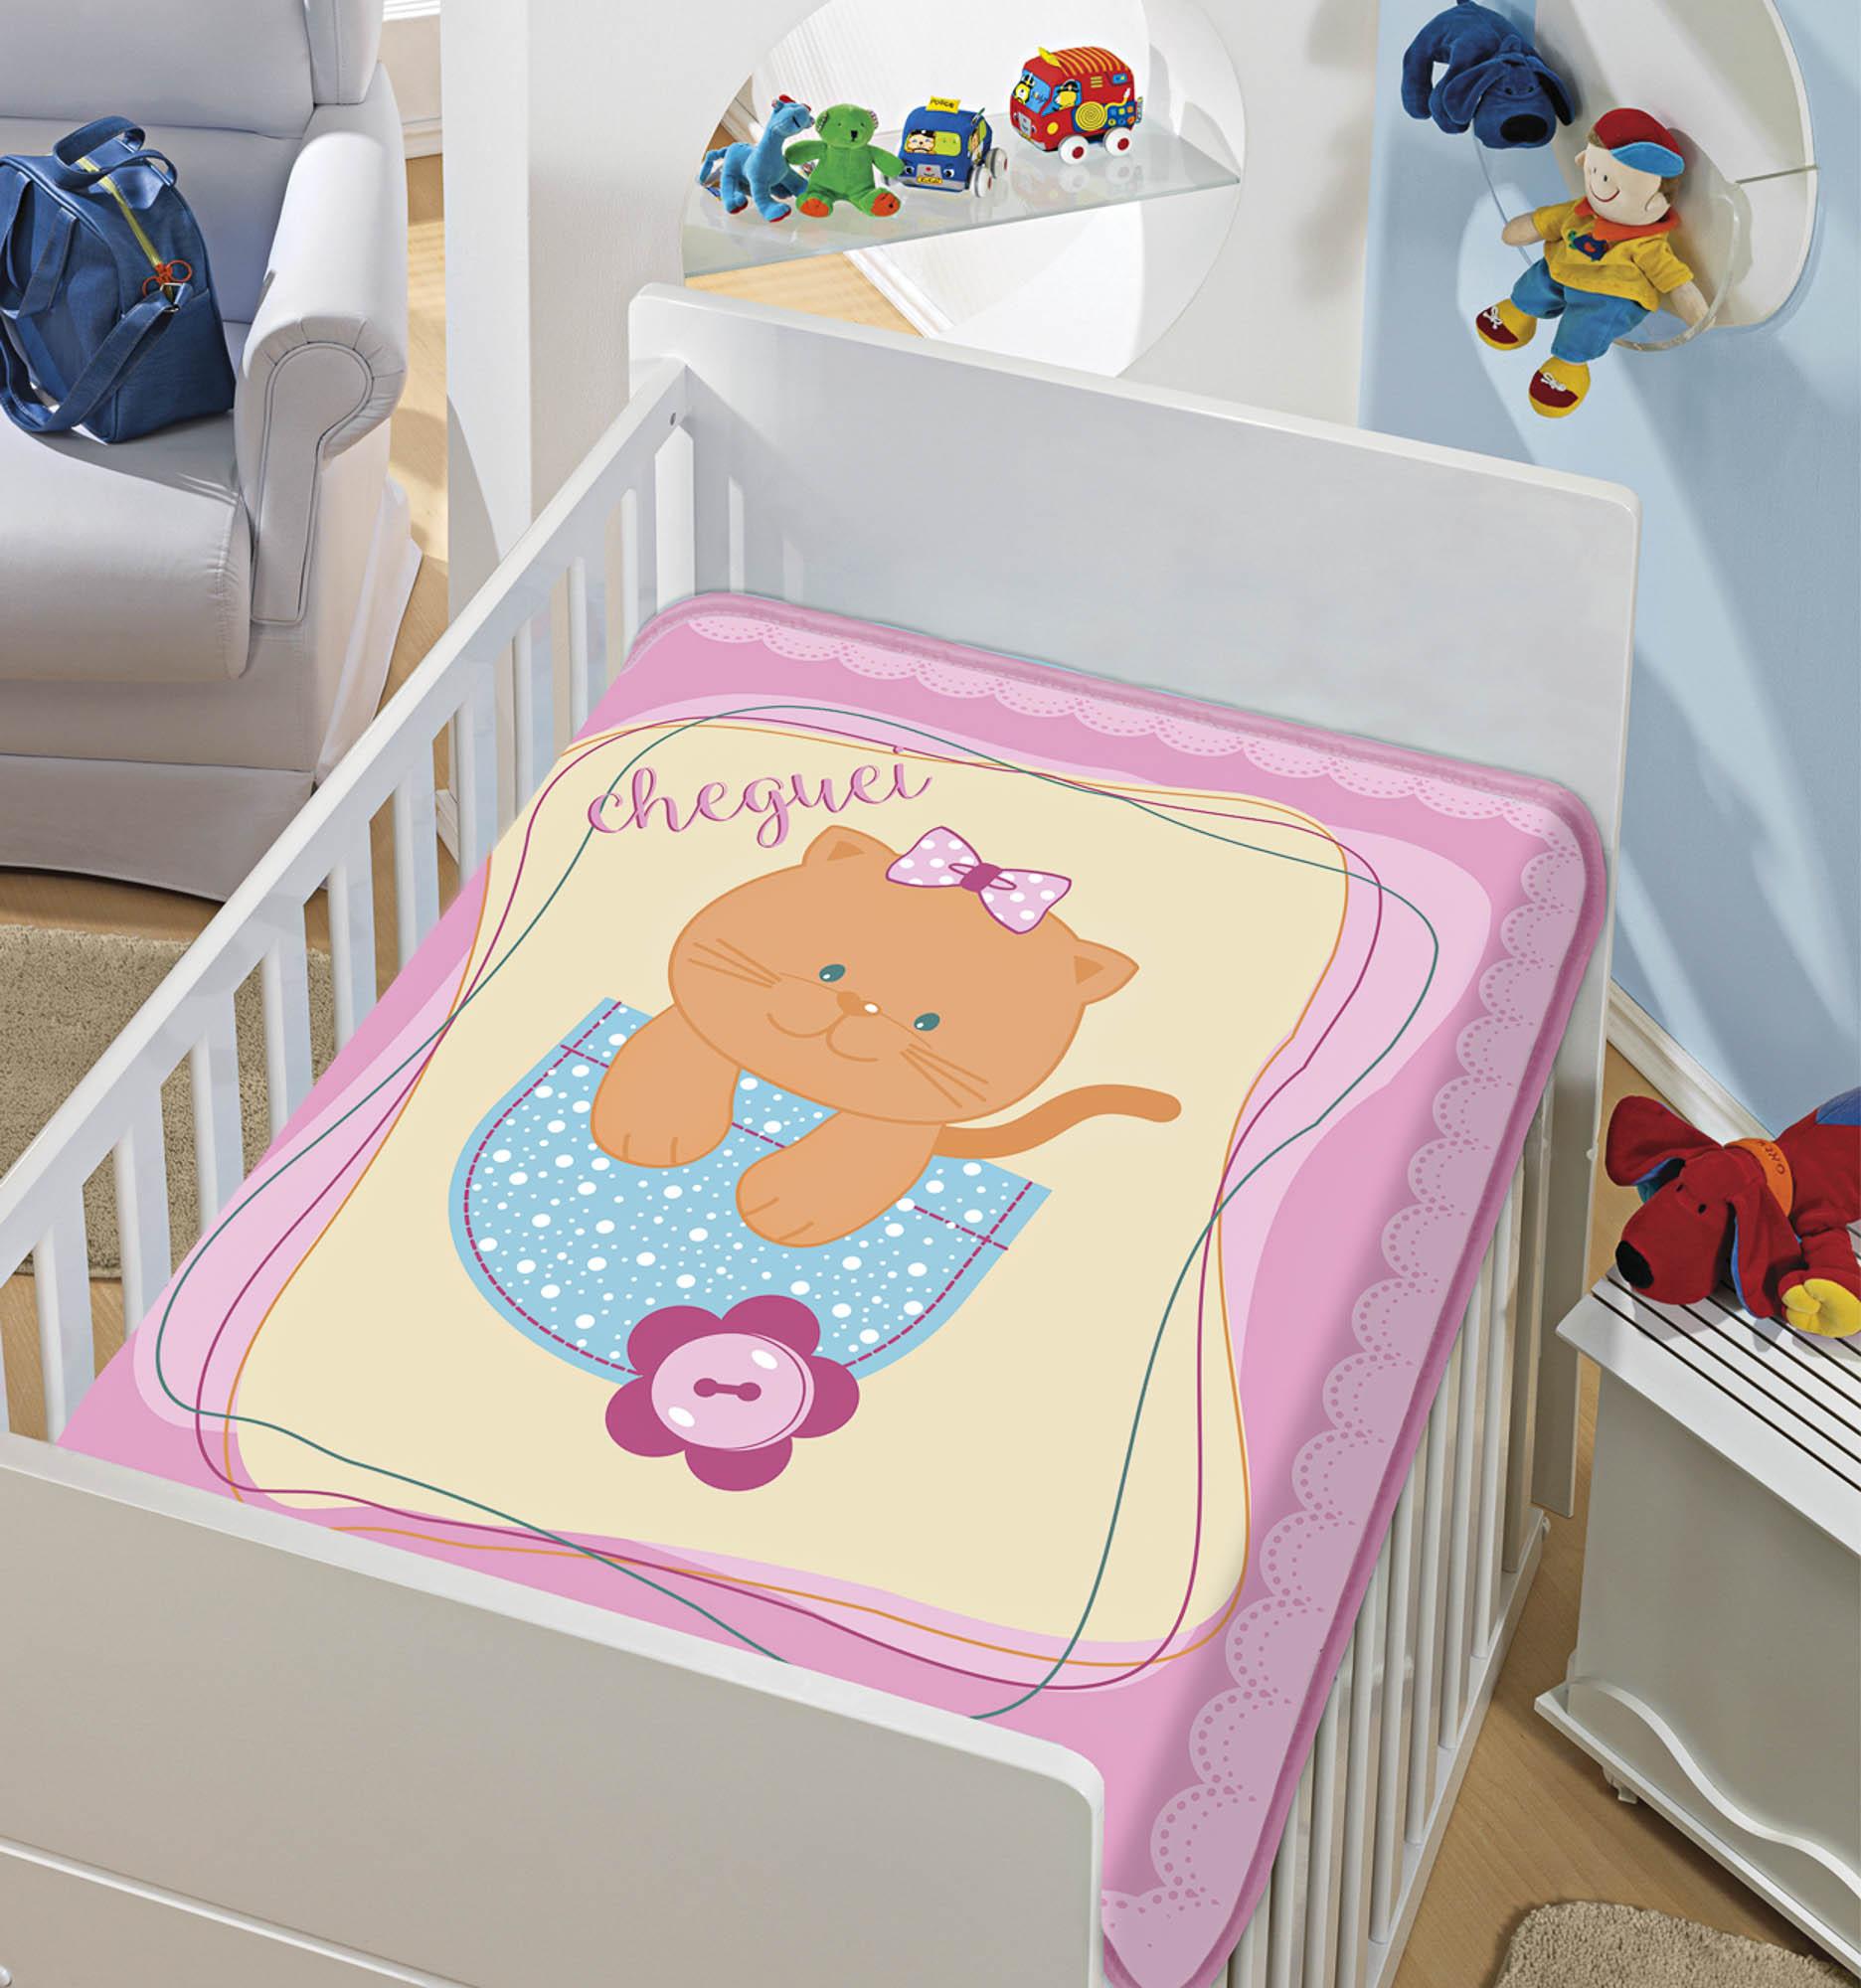 Cobertor Bebê Infantil Jolitex Raschel 0,90x1,10m Gatinha Chegou Rosa